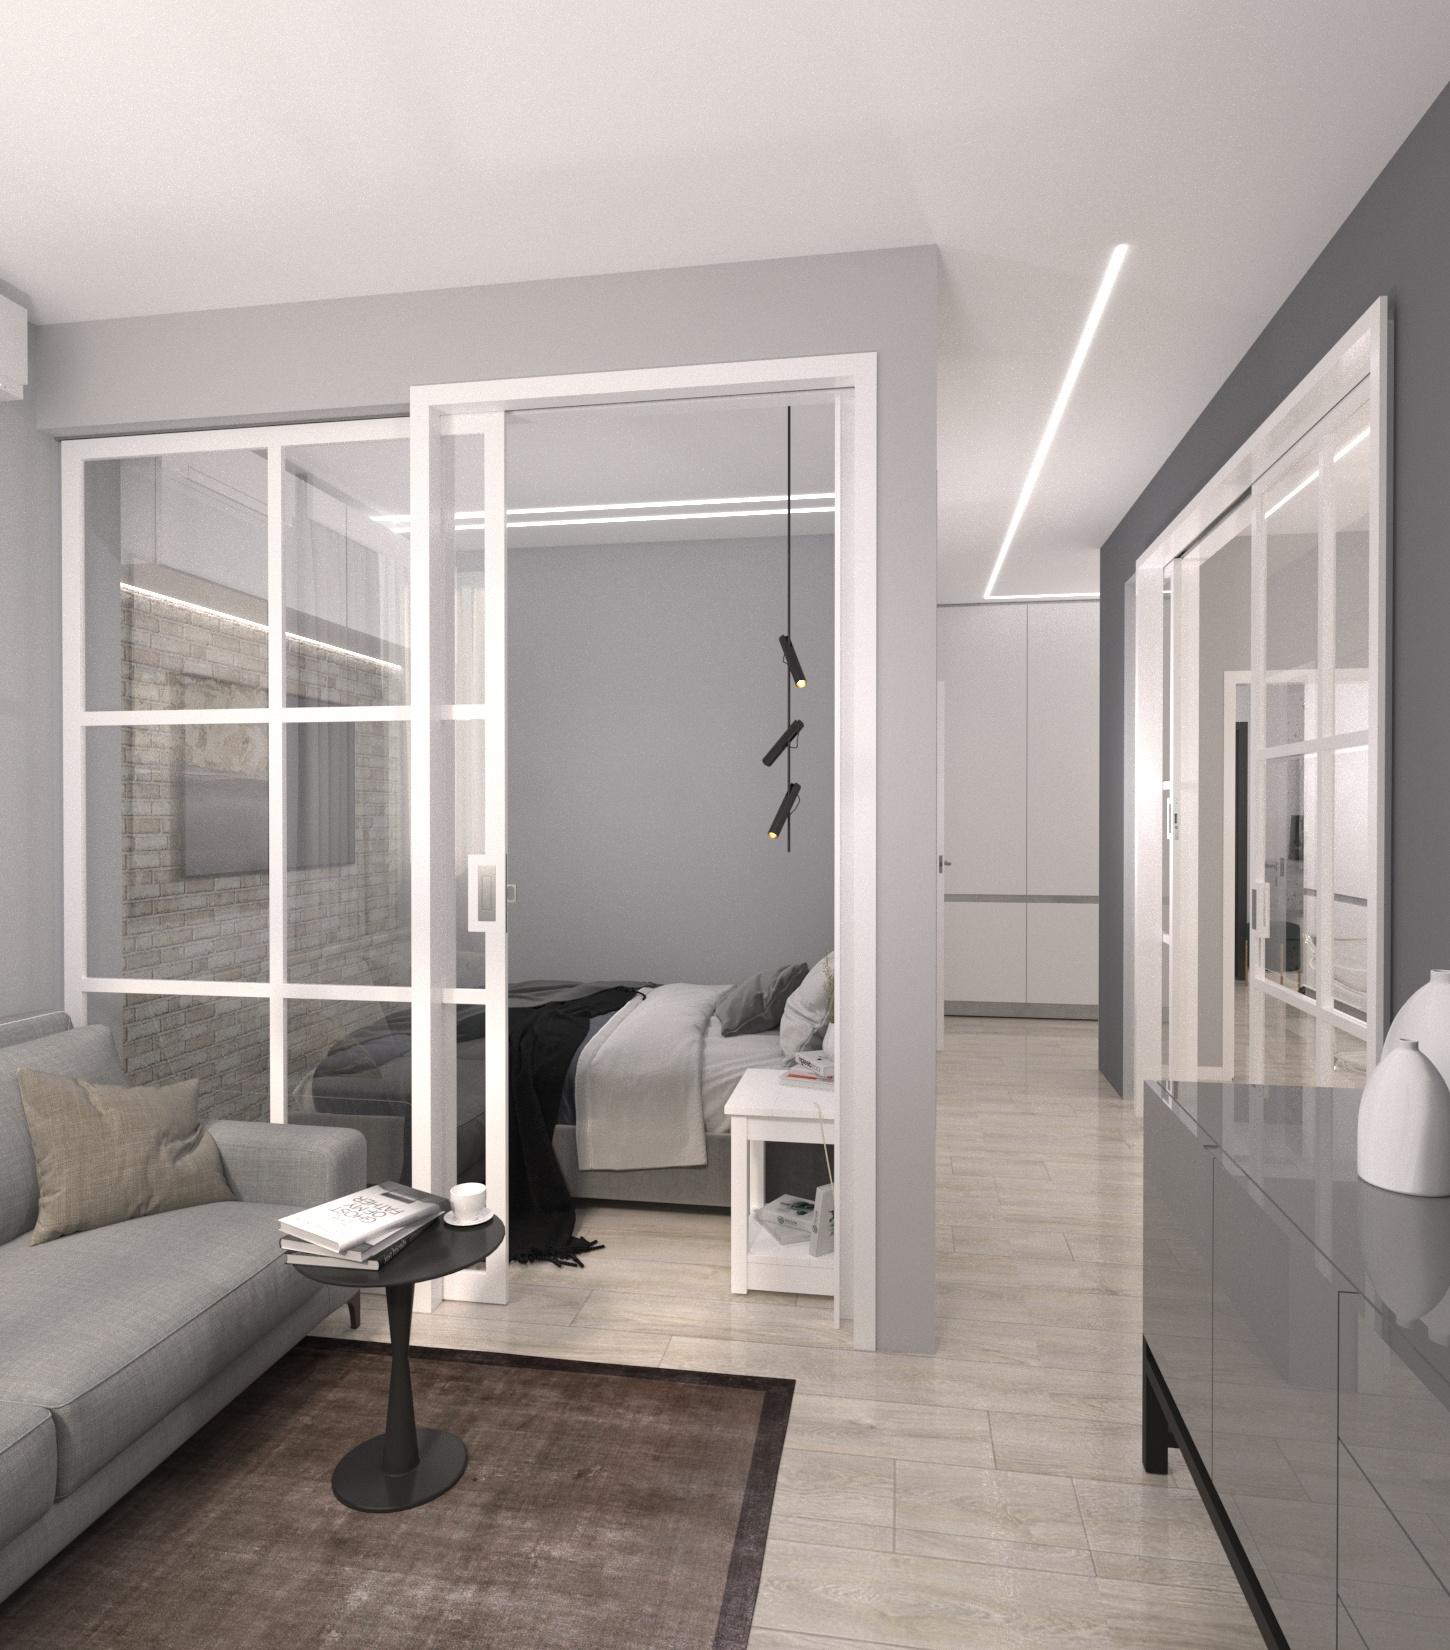 Проект квартири 47,5 кв.м по вул. Проскуровського Підпілля 165а - фото 6